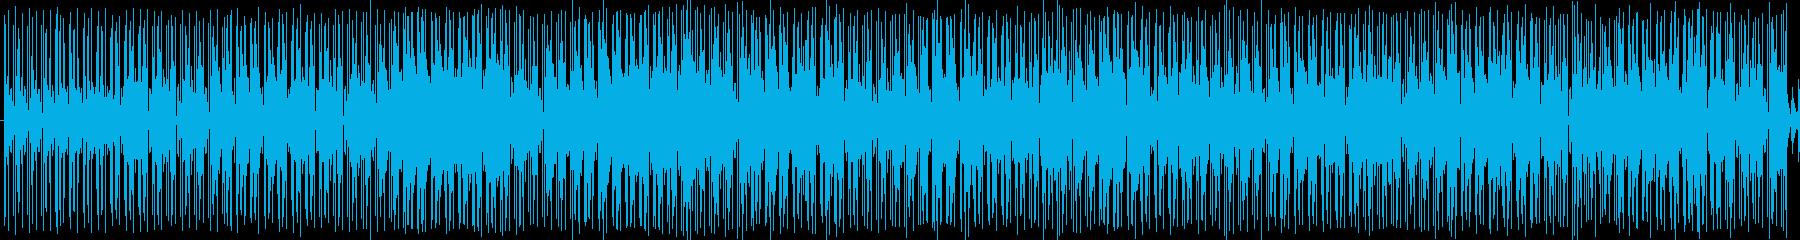 ジャズ・アンビエントテイストなヒップホ…の再生済みの波形